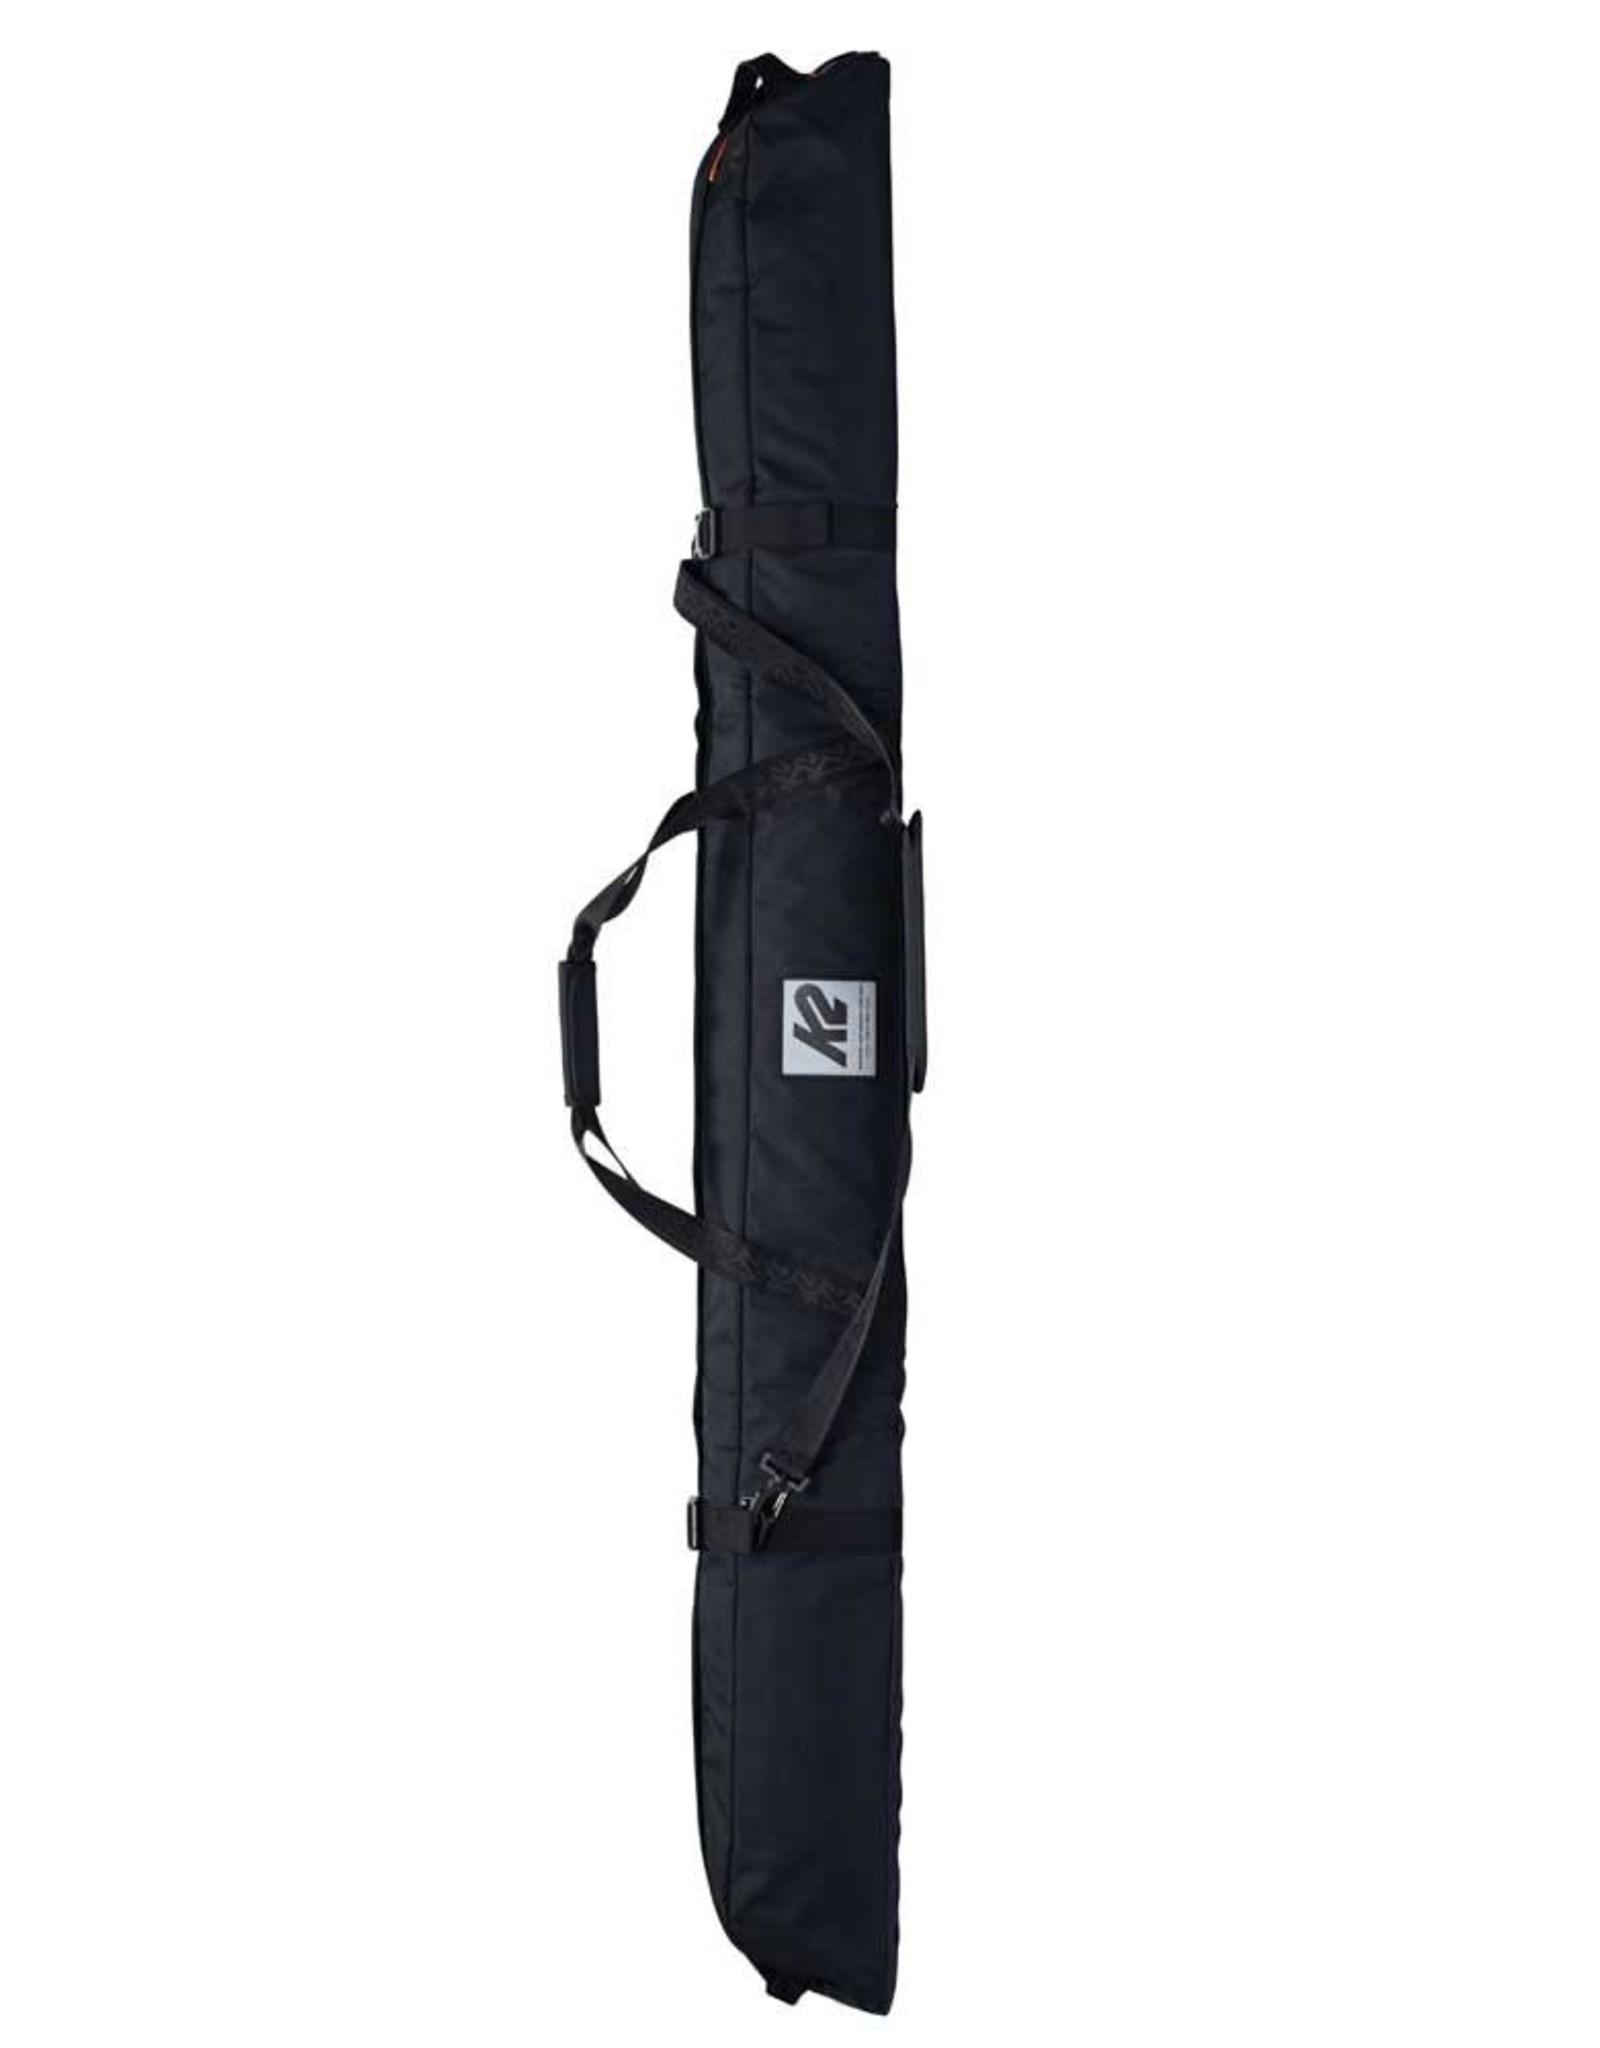 K2 K2 SINGLE PADDED SKI BAG Black 175cm